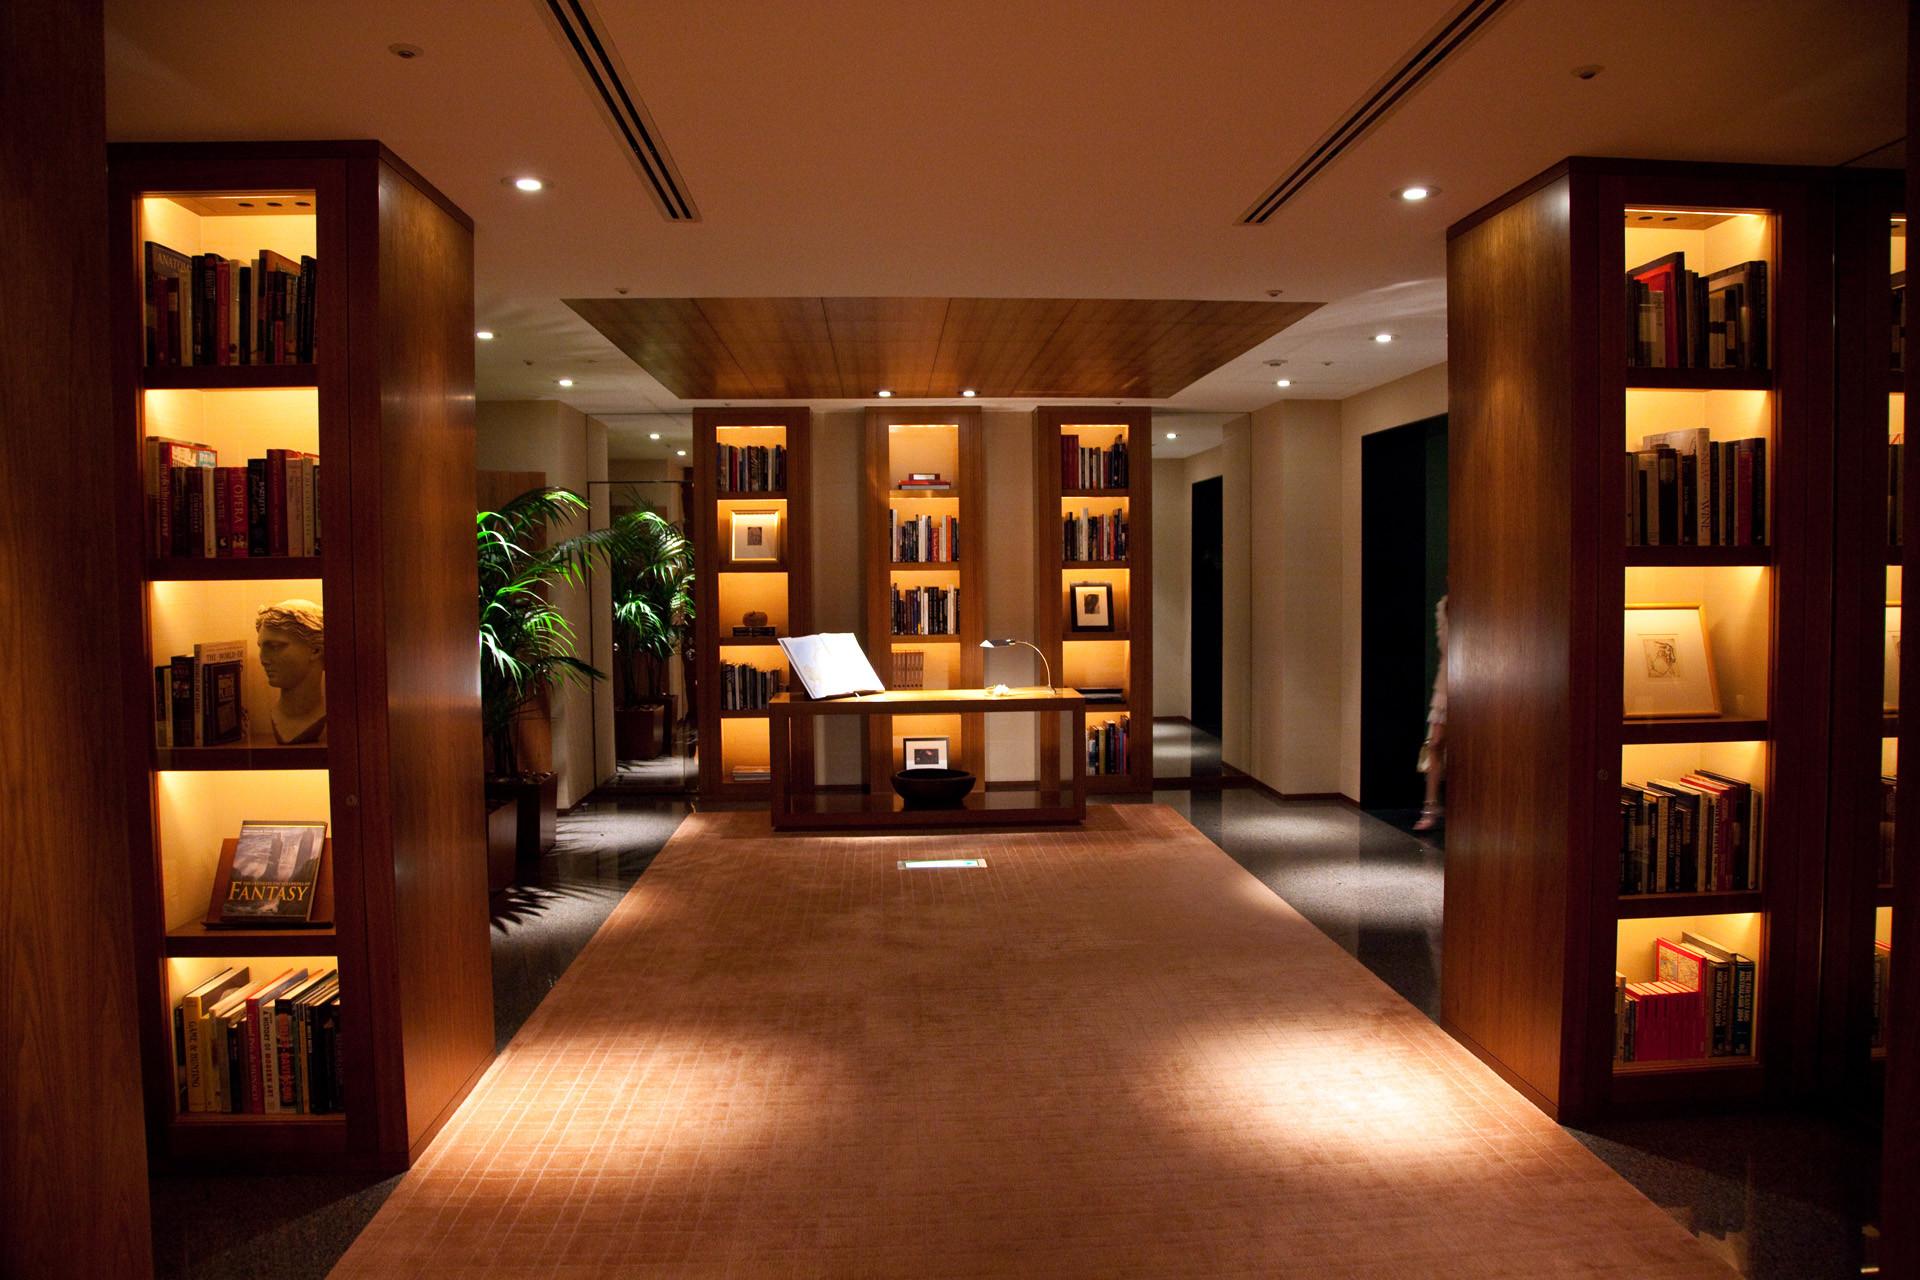 Park hyatt tokyo honshu luxury hotel japan original for Floor in french translation